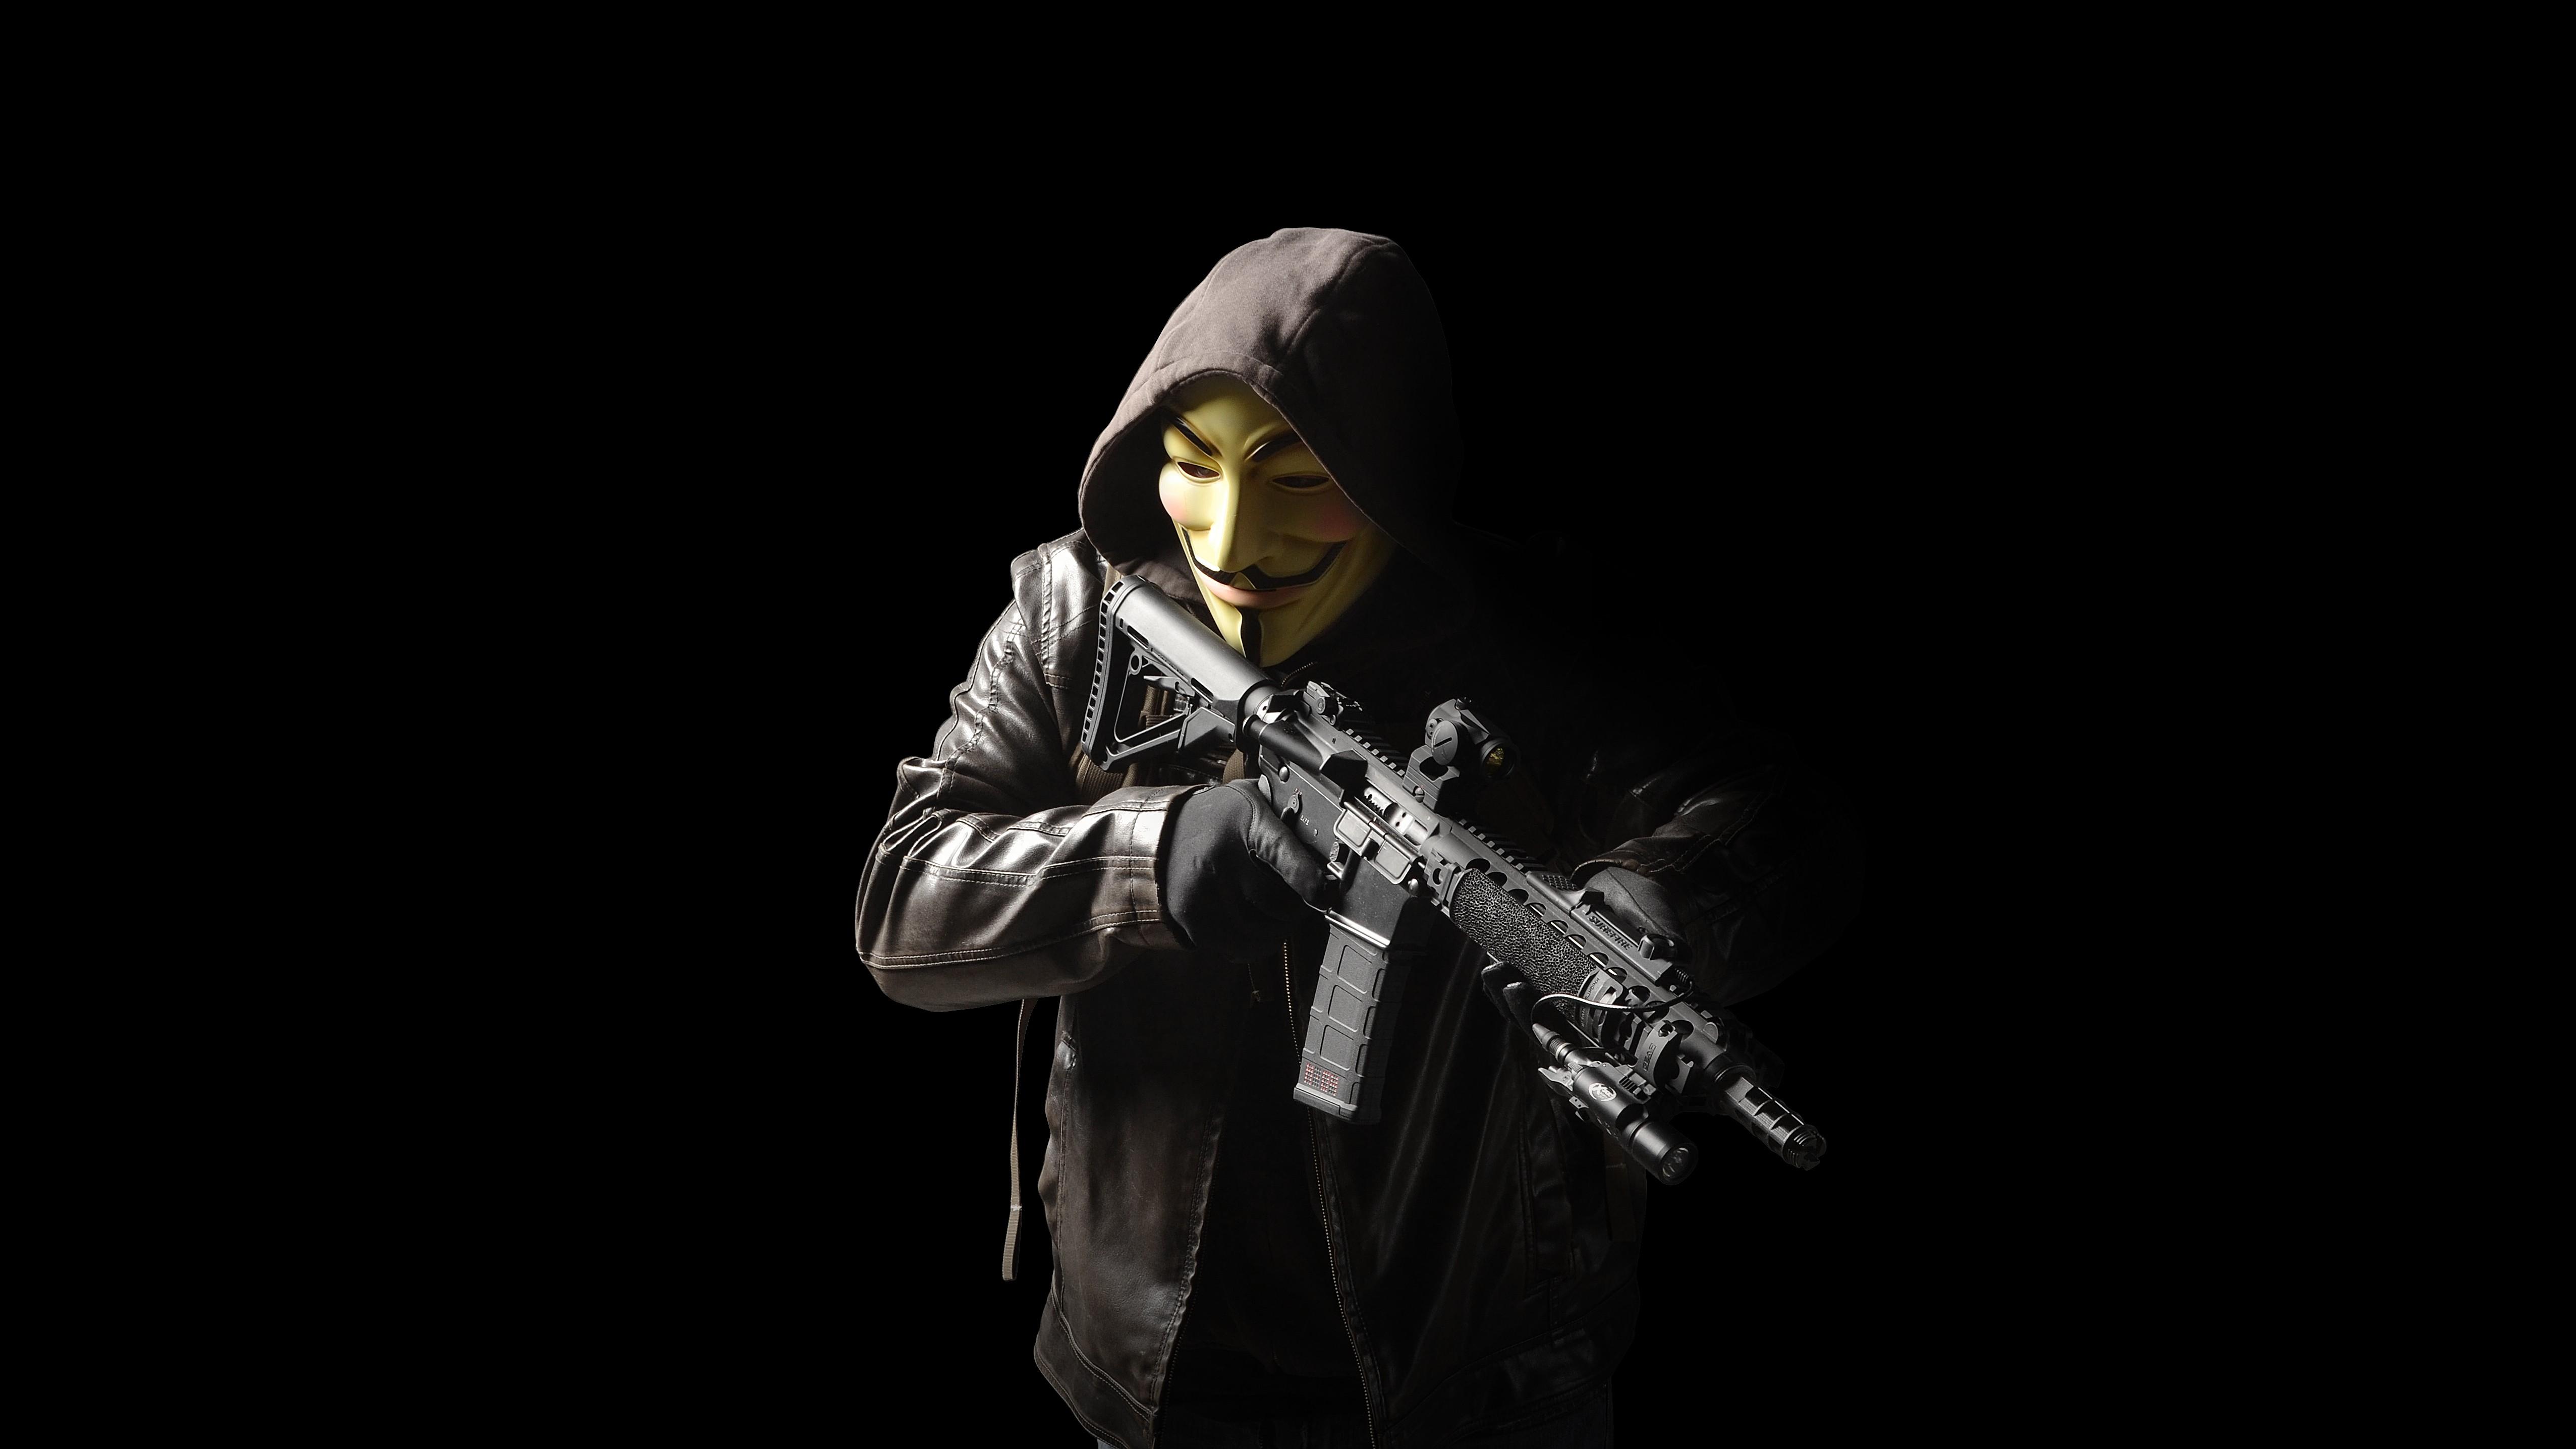 Wallpaper : black, soldier, hacking, hackers, darkness ...